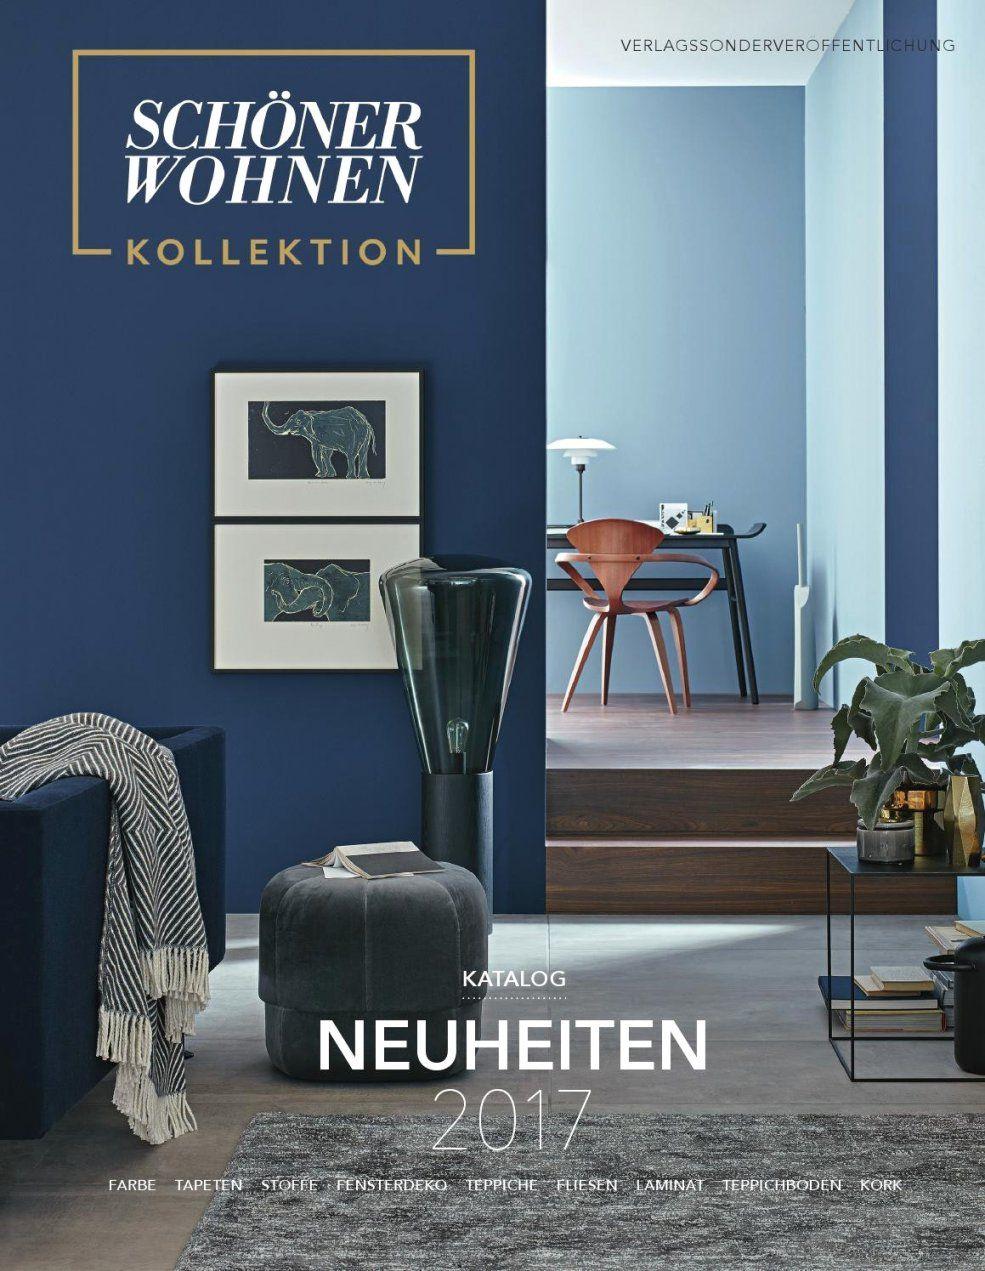 Spektakuläre Ideen Schöner Wohnen Wandfarbe Blau Und Erstaunliche von Tapeten Schöner Wohnen Kollektion Bild